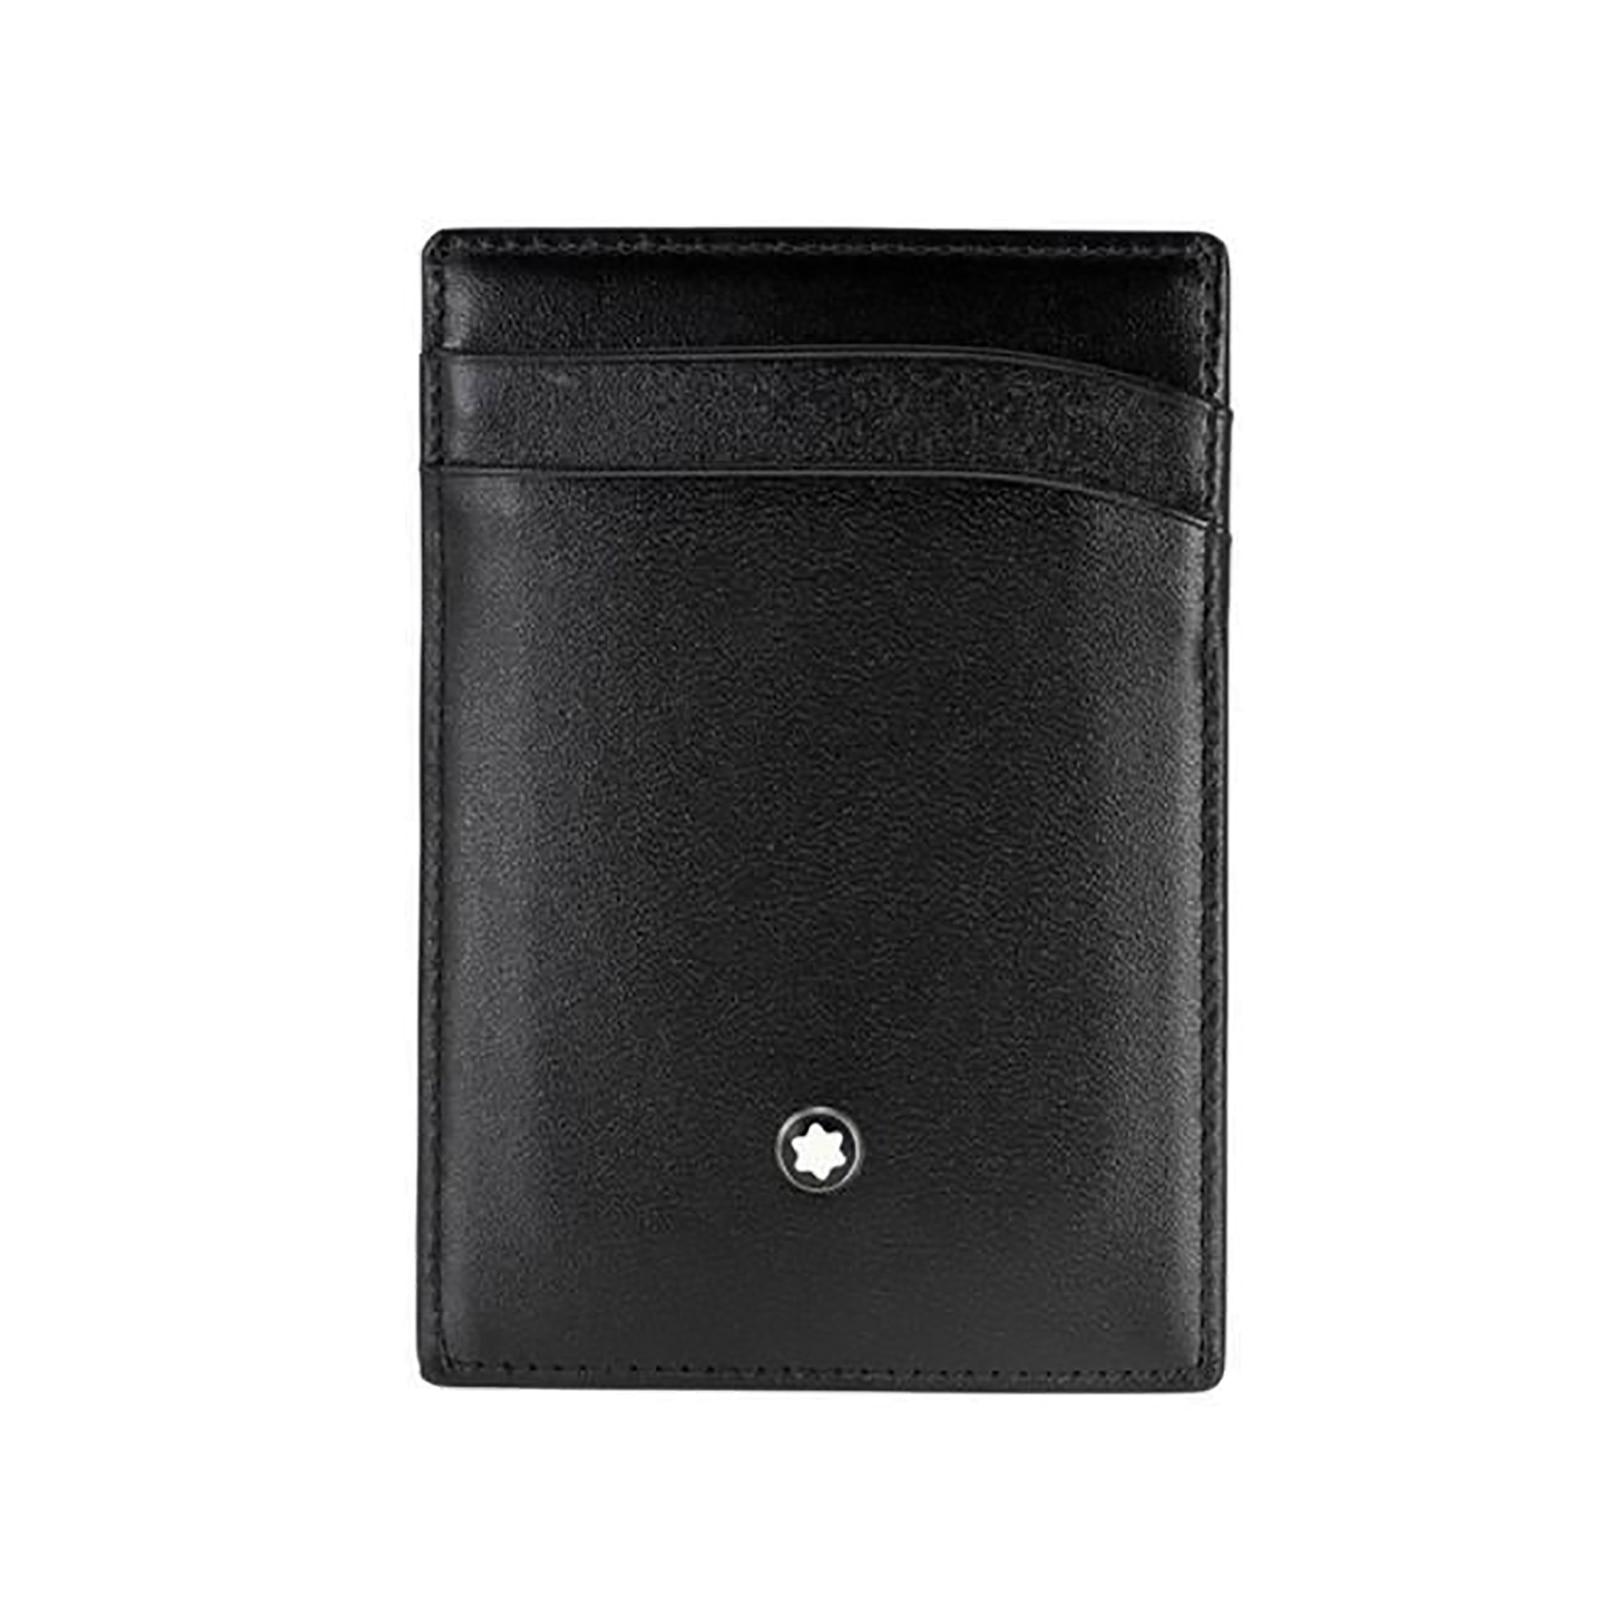 Montblanc Meisterstück Black Leather 2CC Holder